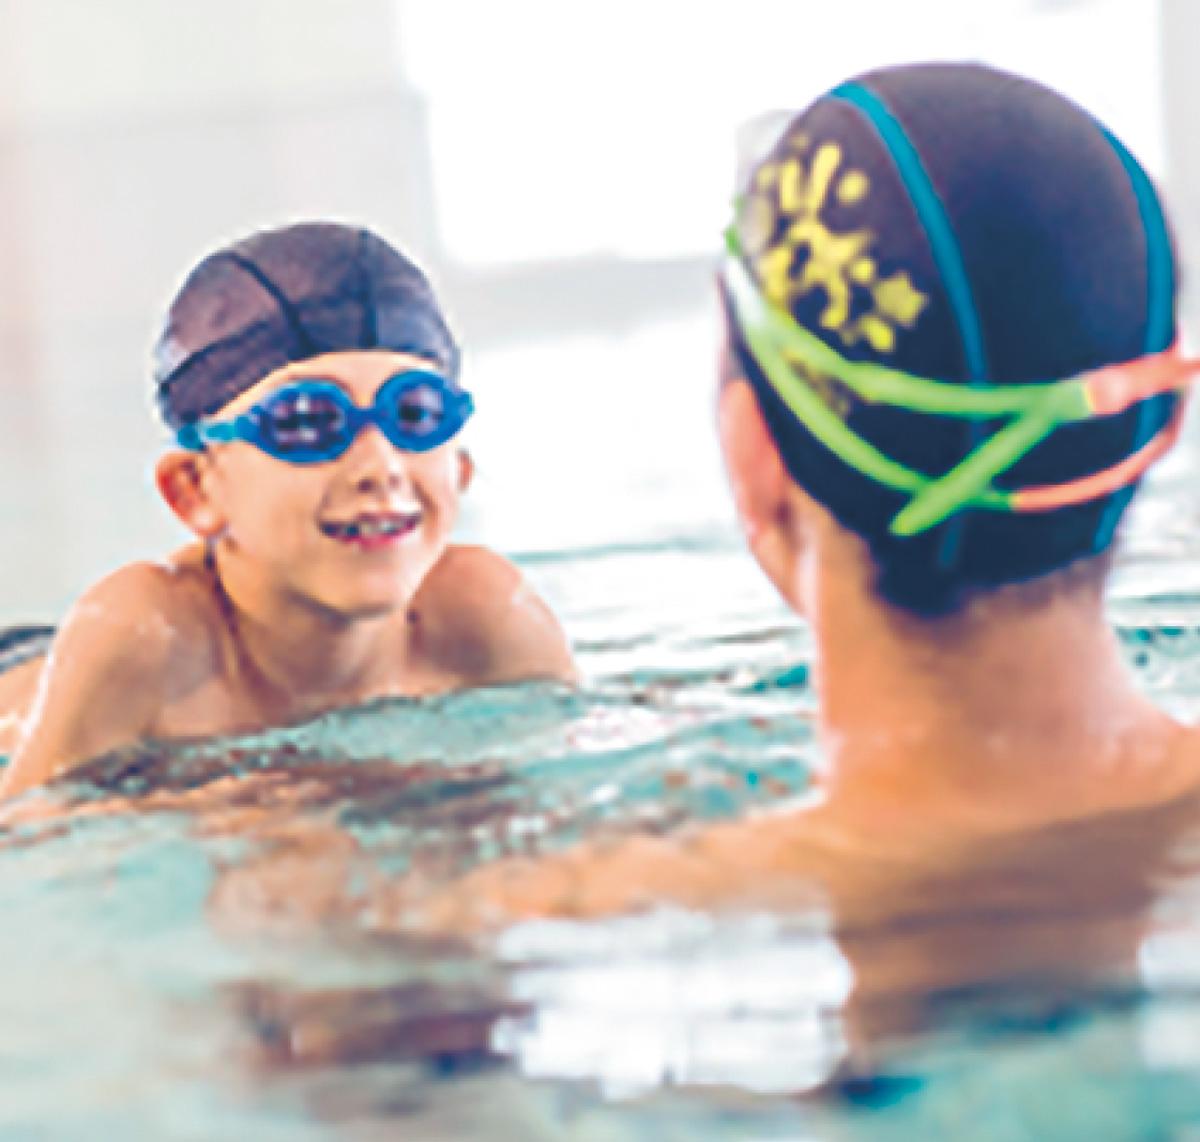 短期間で水泳上達できる?